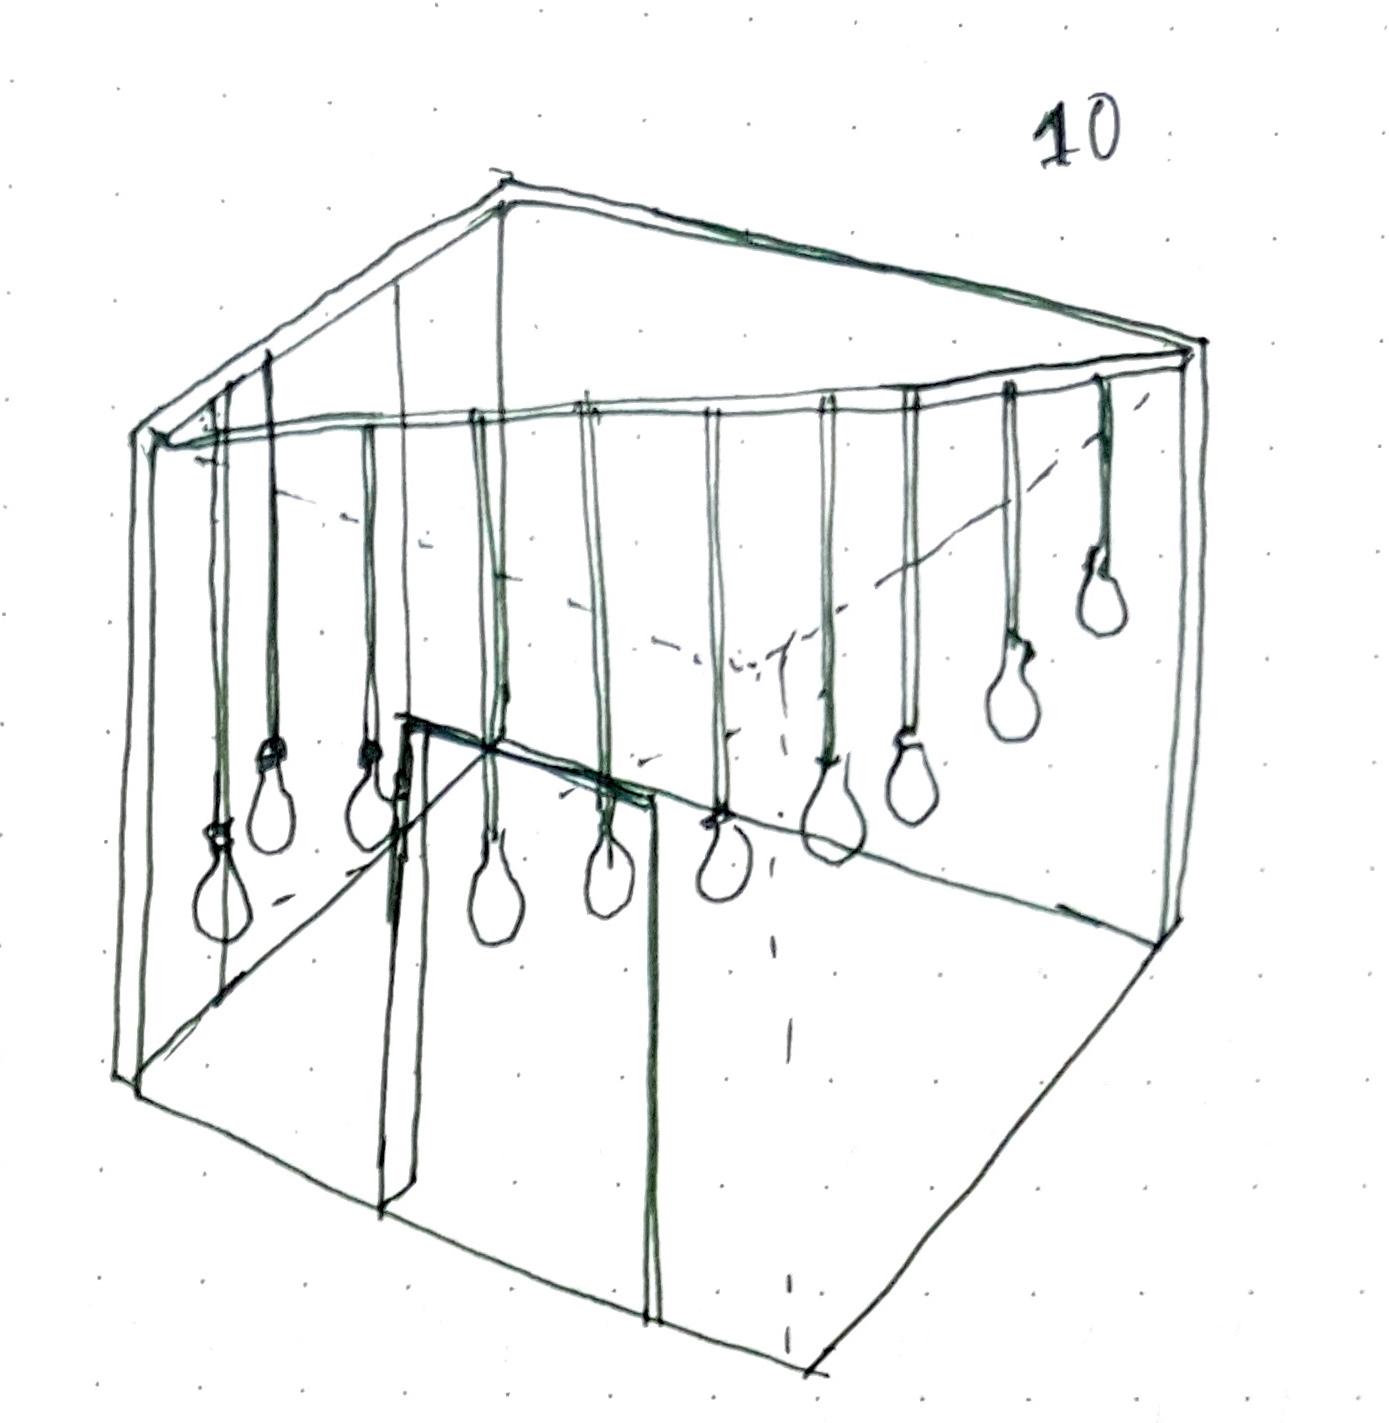 Sketch for 10 lightbulbs